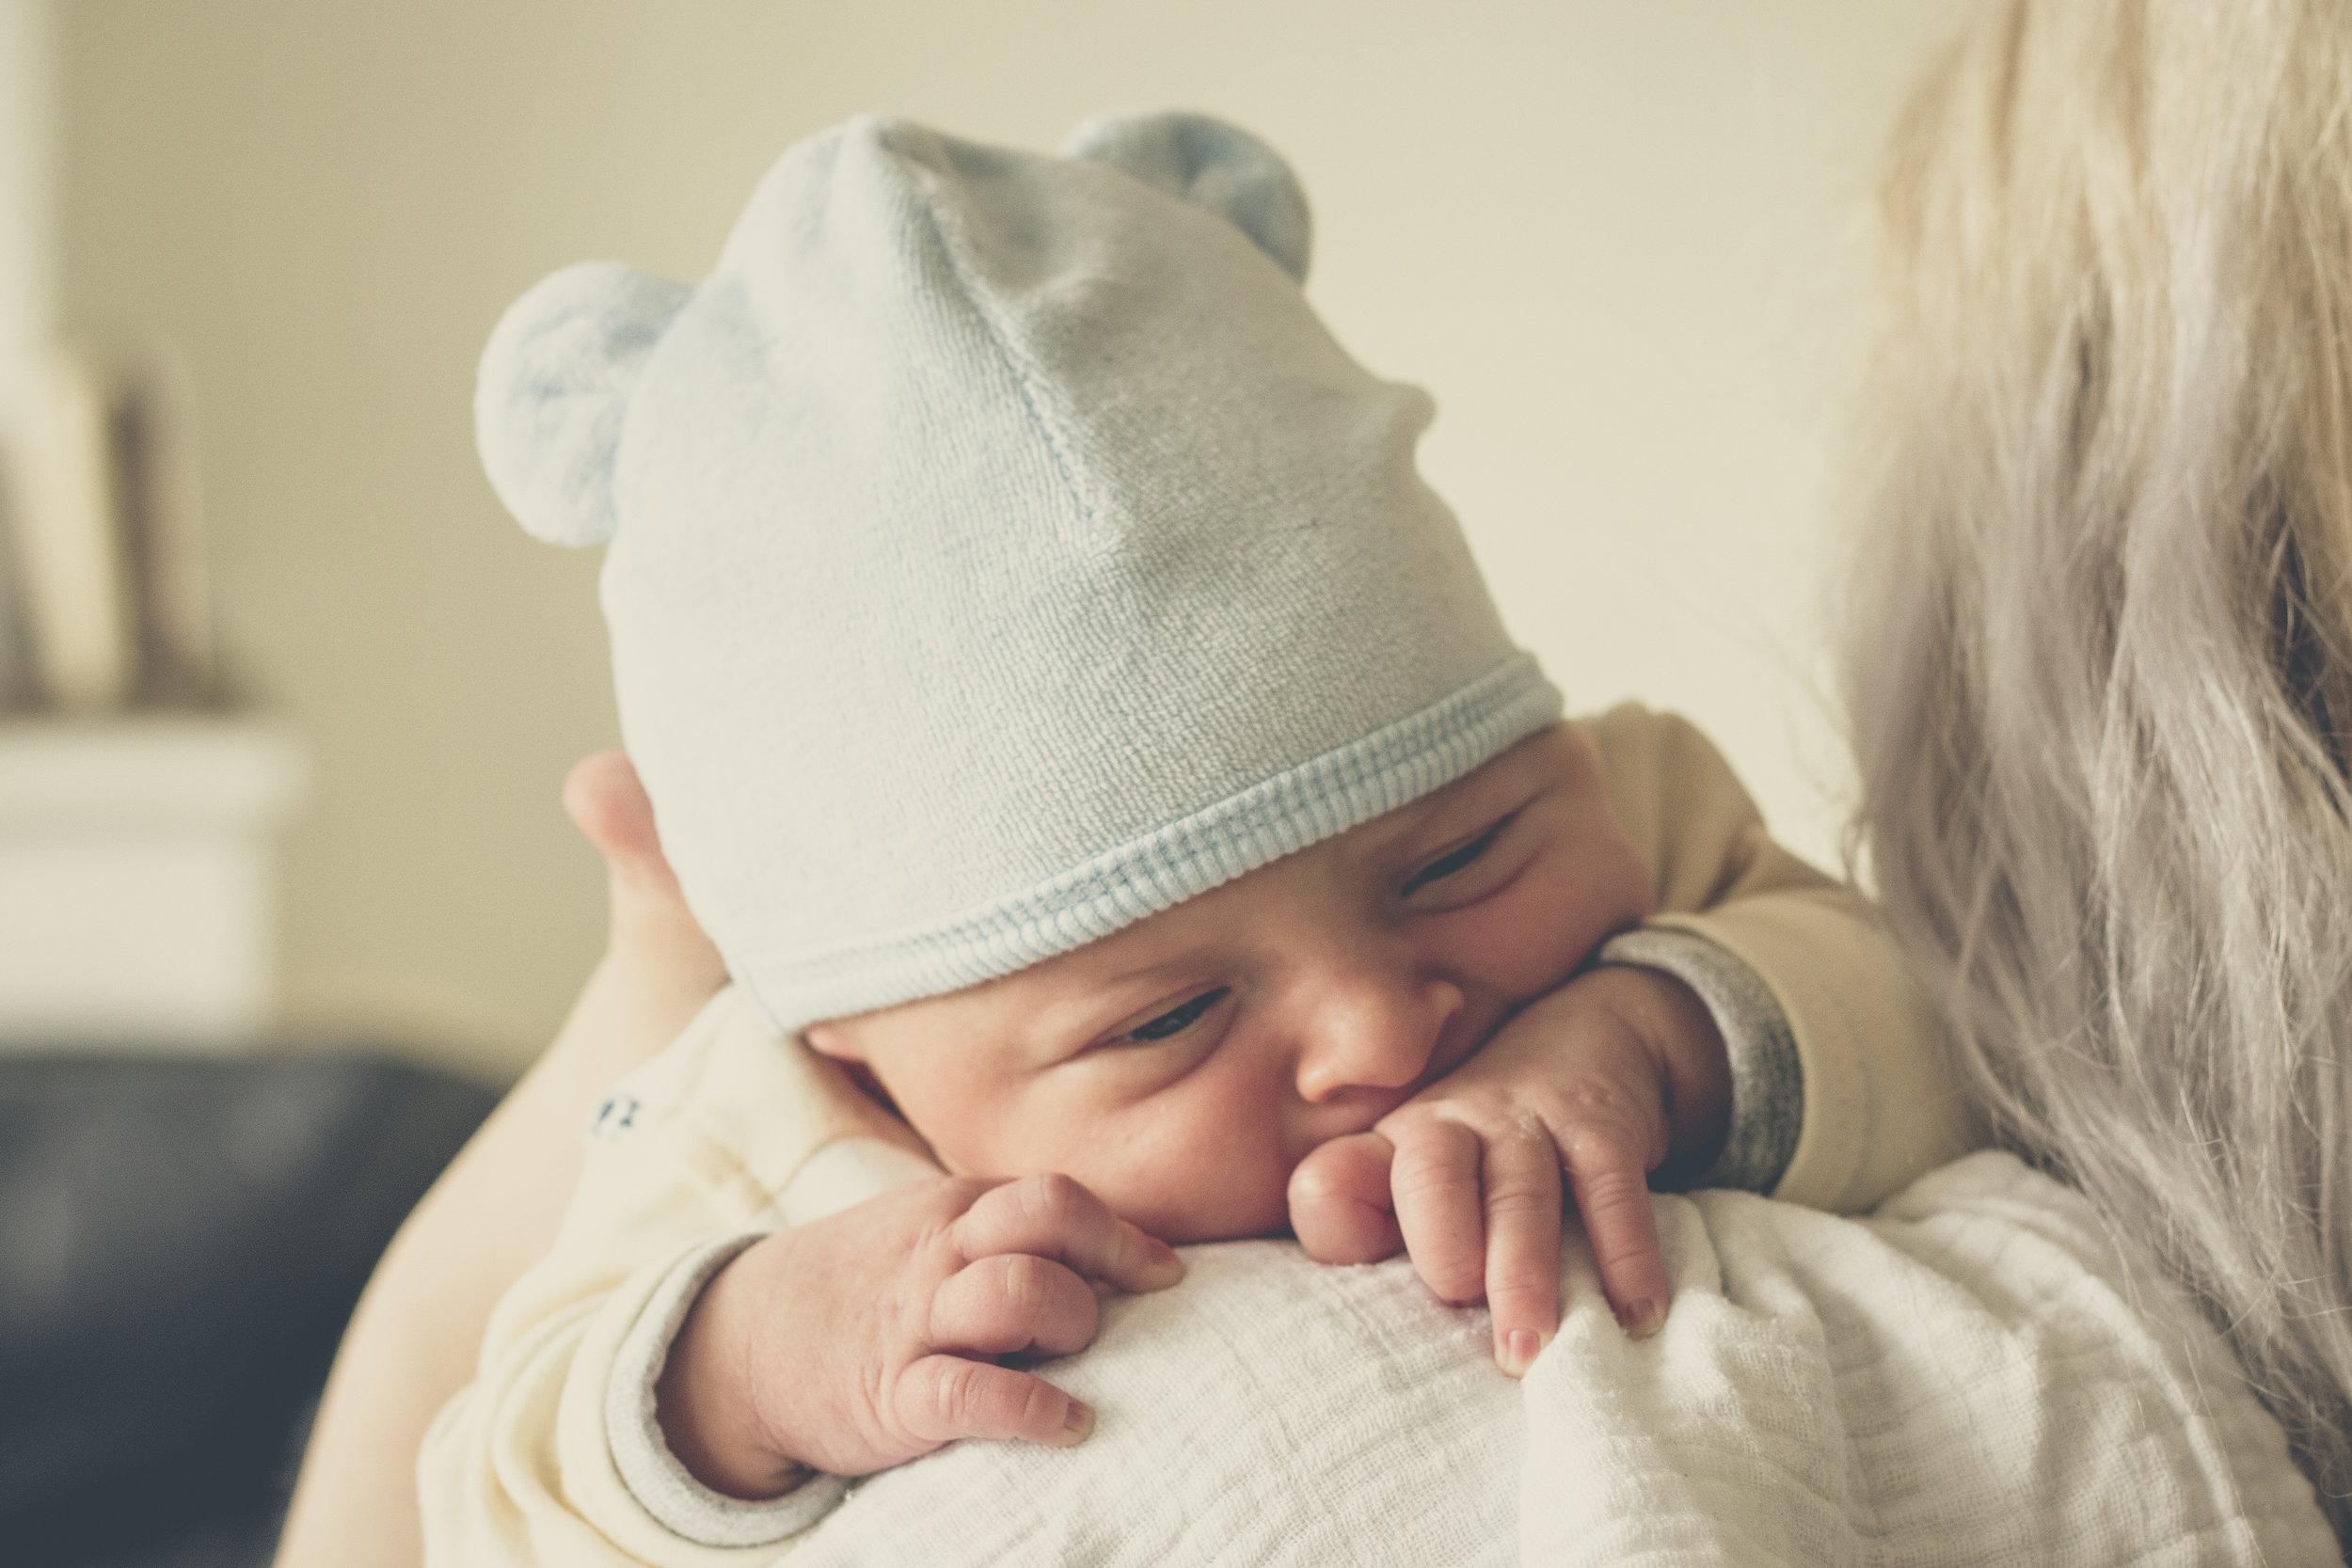 infants.jpg